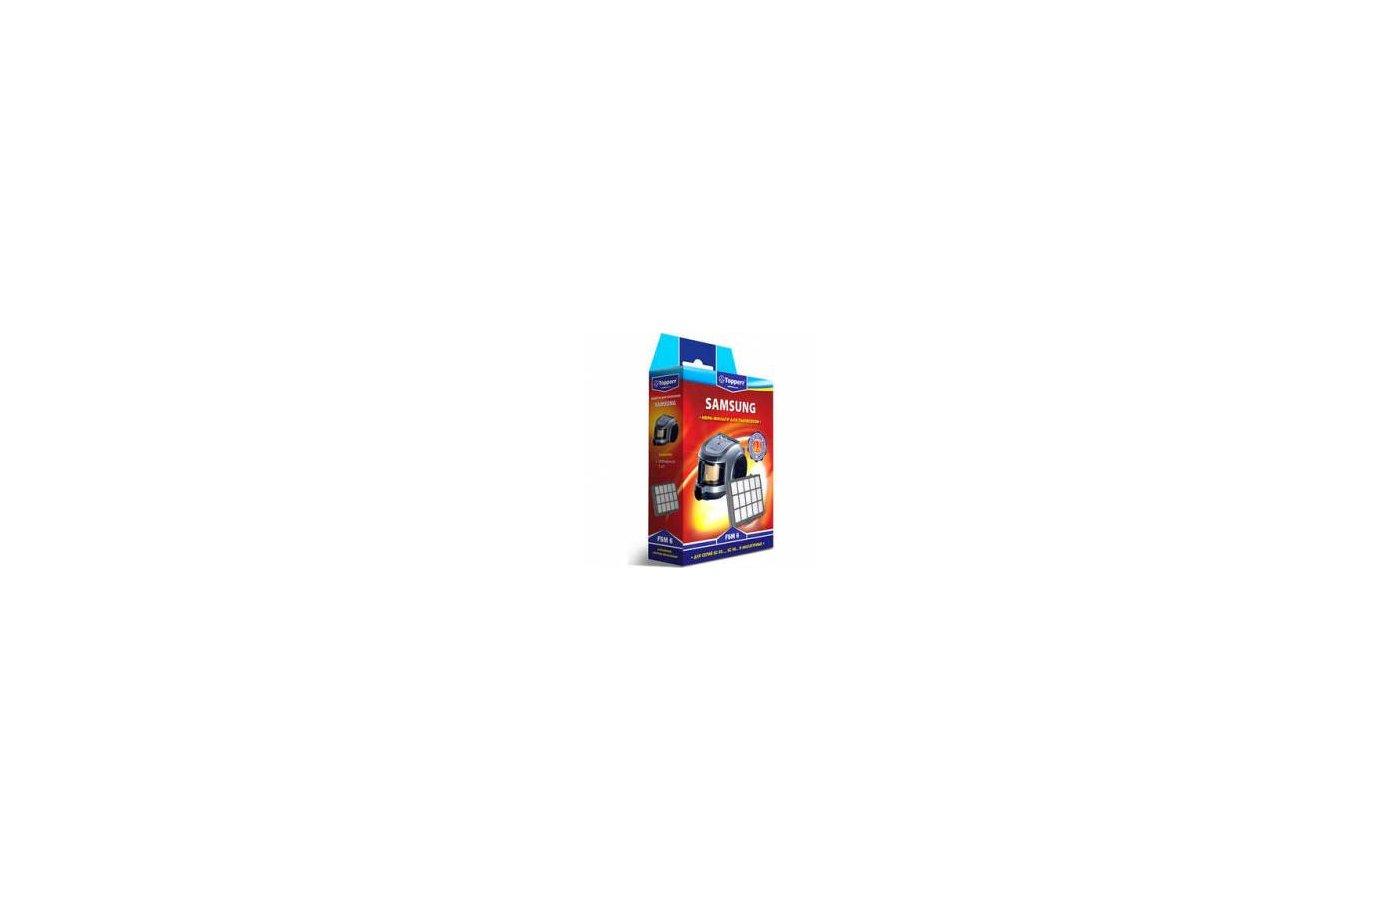 Фильтр для пылесоса TOPPERR 1105 FSM6 Hepa Filter д/пылесоса Samsung SC65... SC66... серий H12